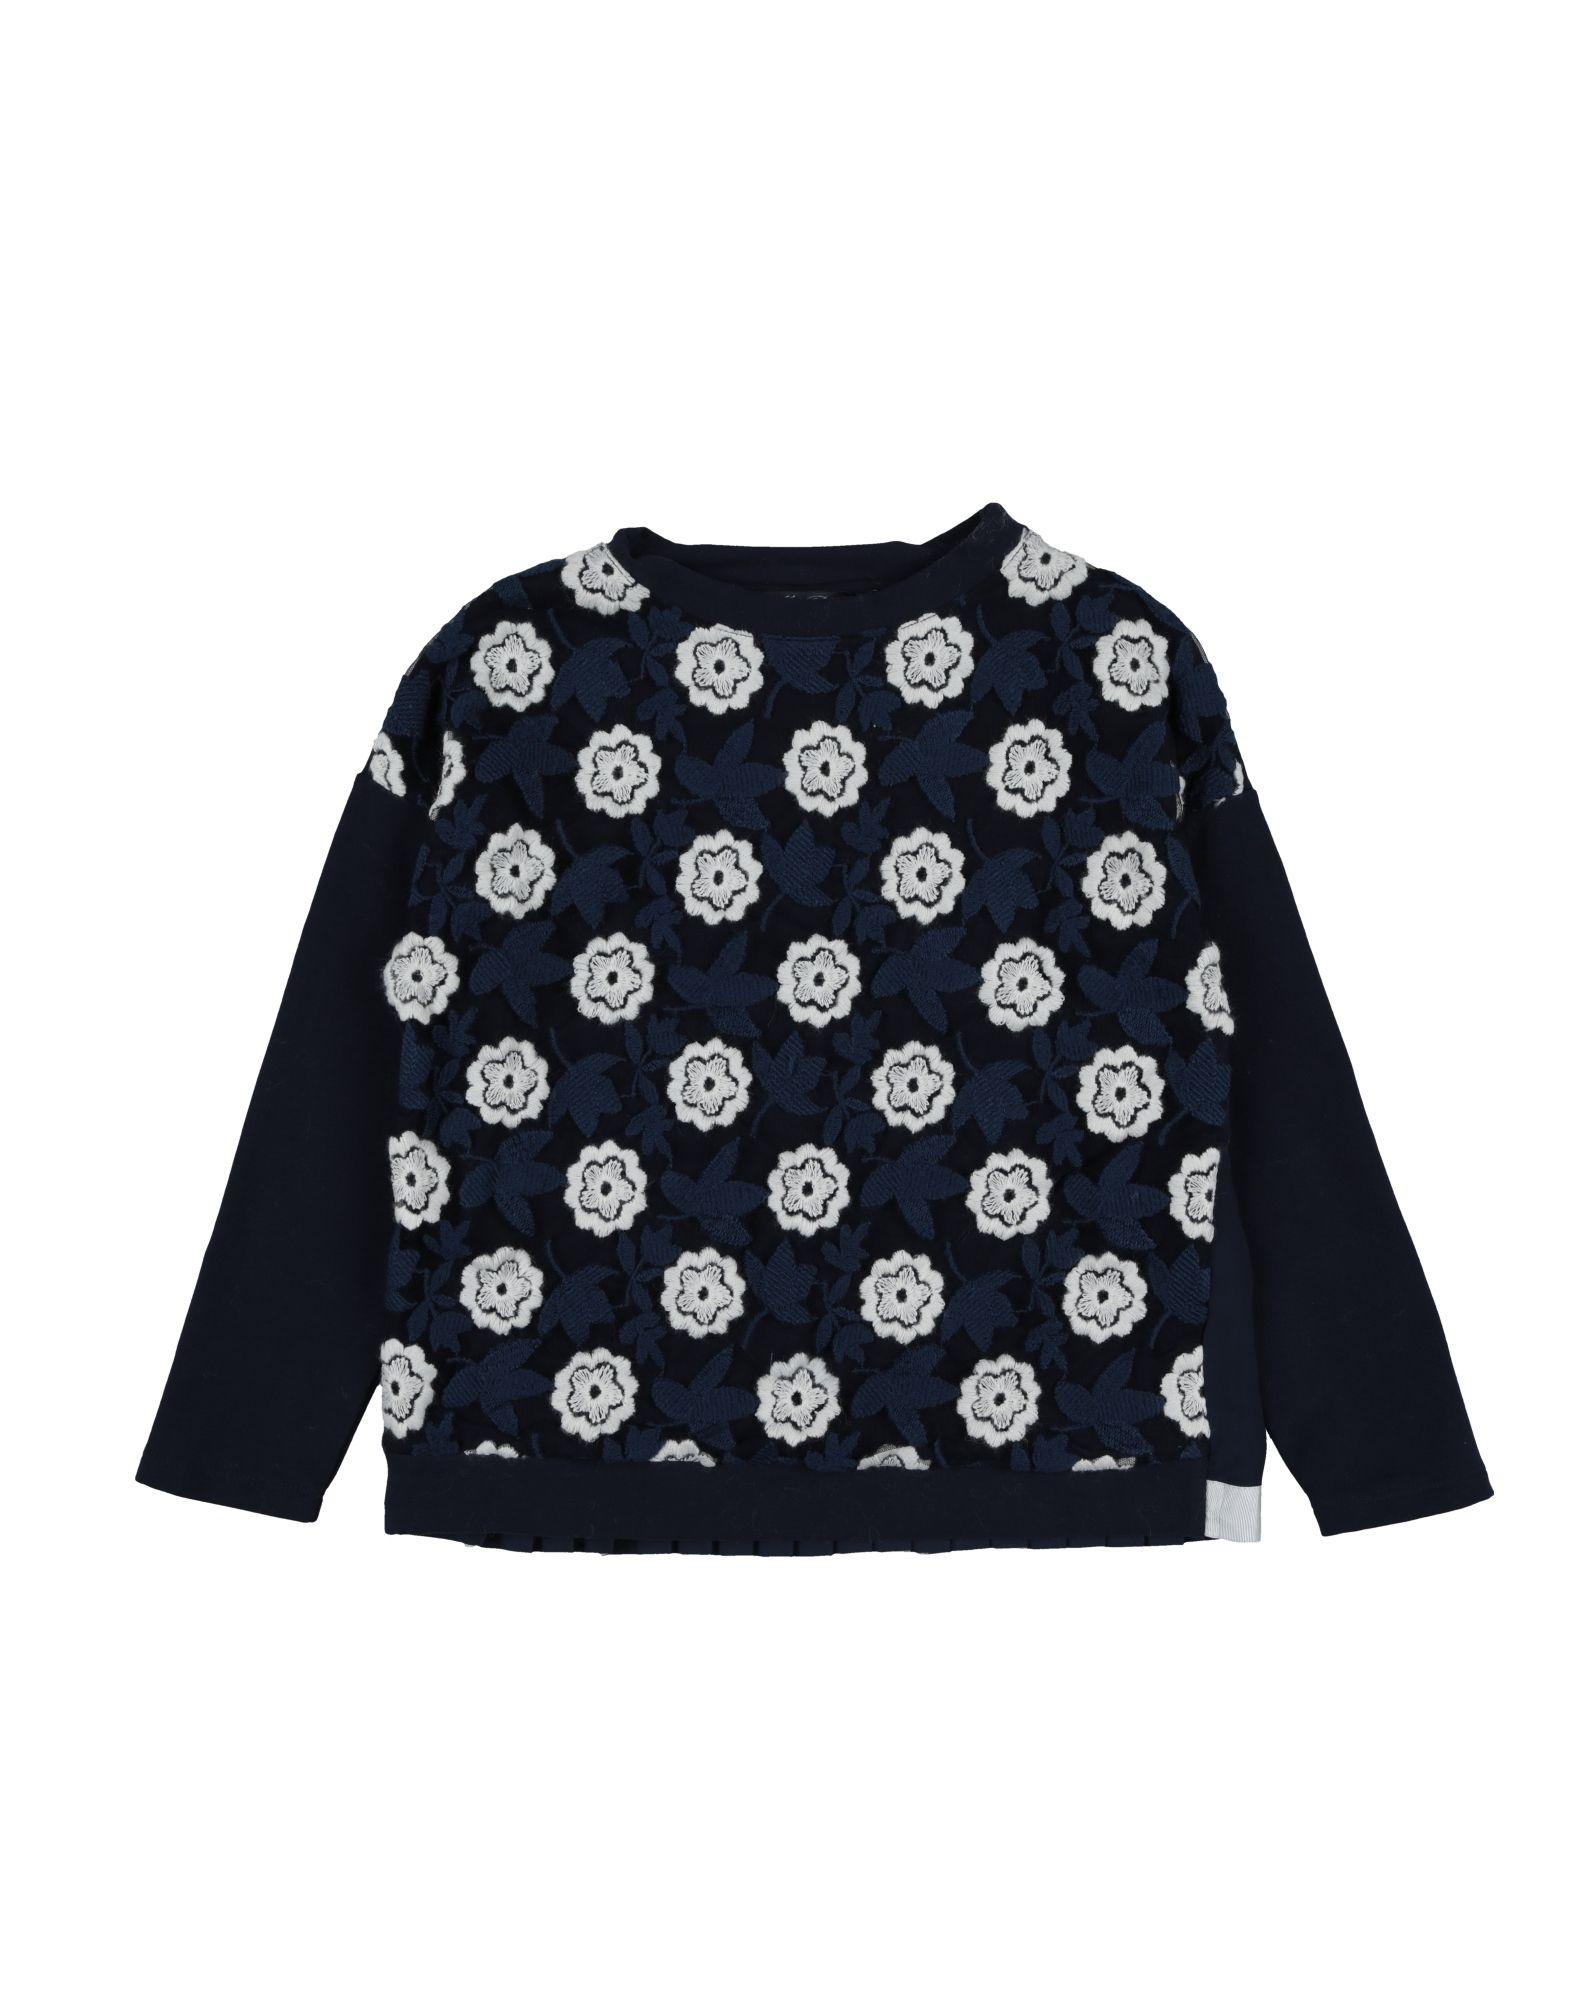 MISS BLUMARINE Sweatshirt in Dark Blue